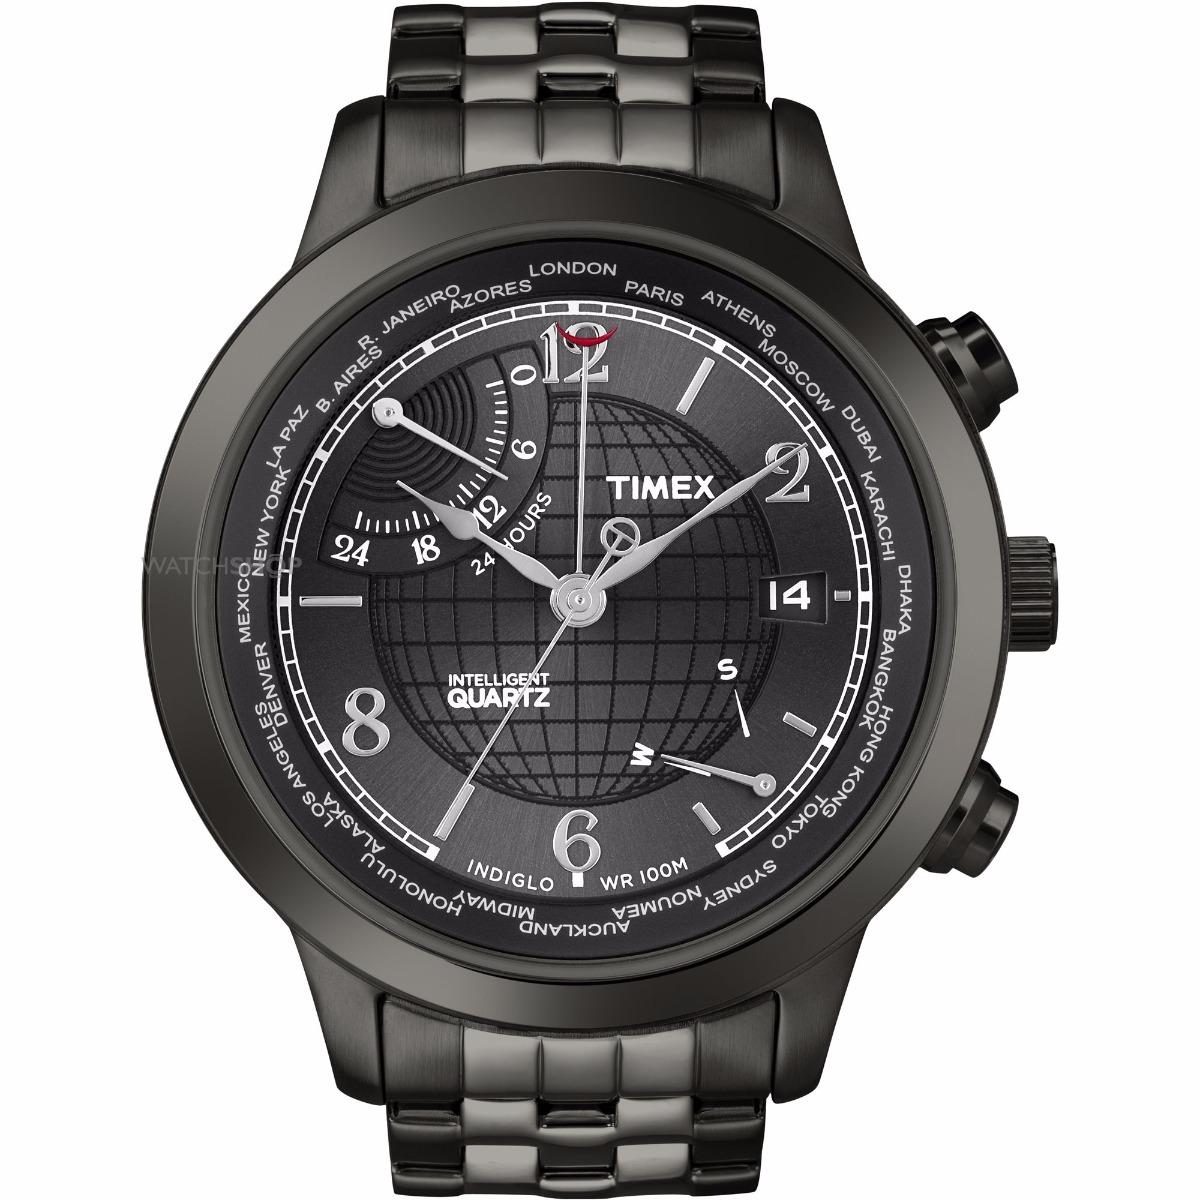 c9c8b7569048 Reloj Hombre Timex T2n614 World Time + Envio + Regalo ...